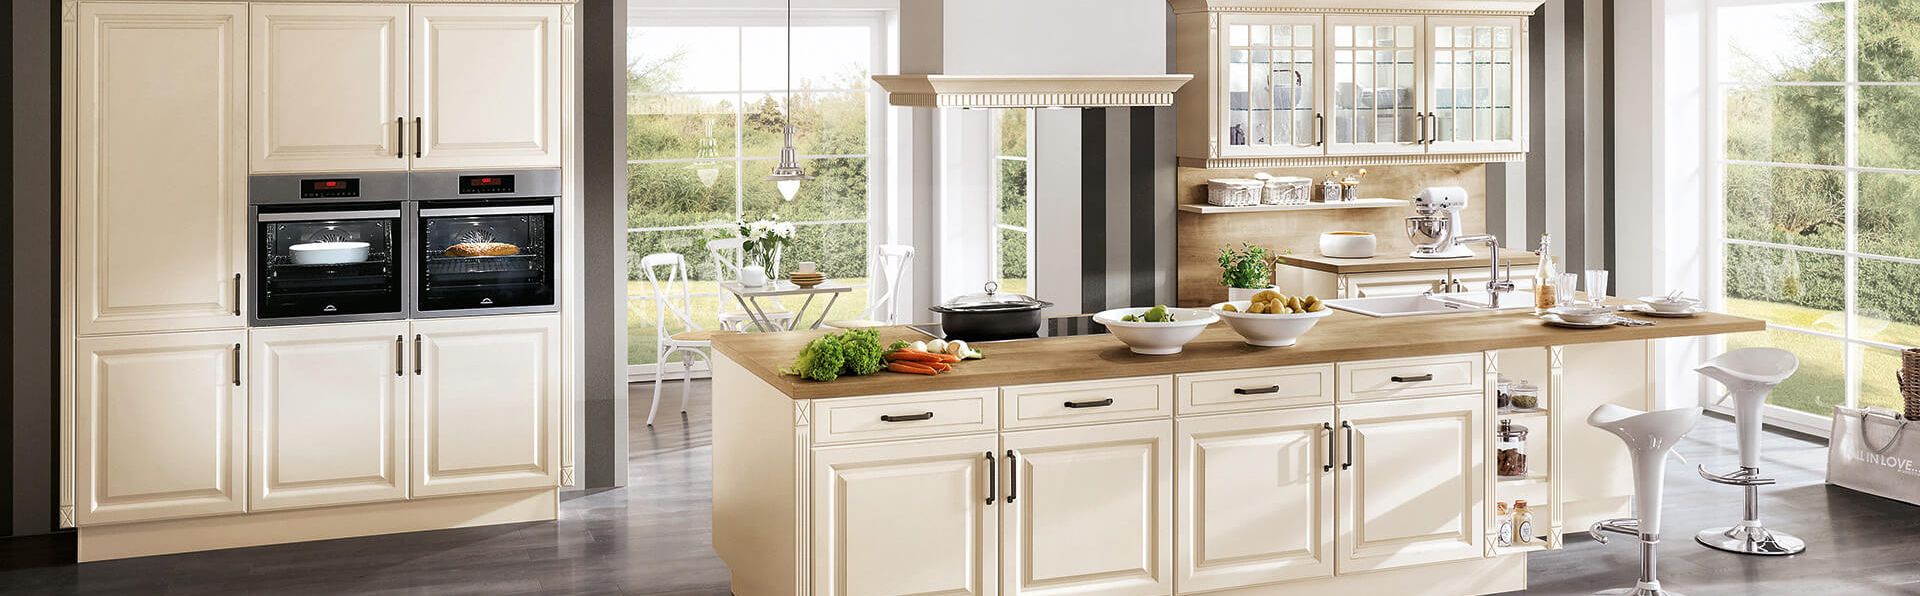 Moderne Kücheninsel Landhaus in creme weiß mit Kamin und Glastür